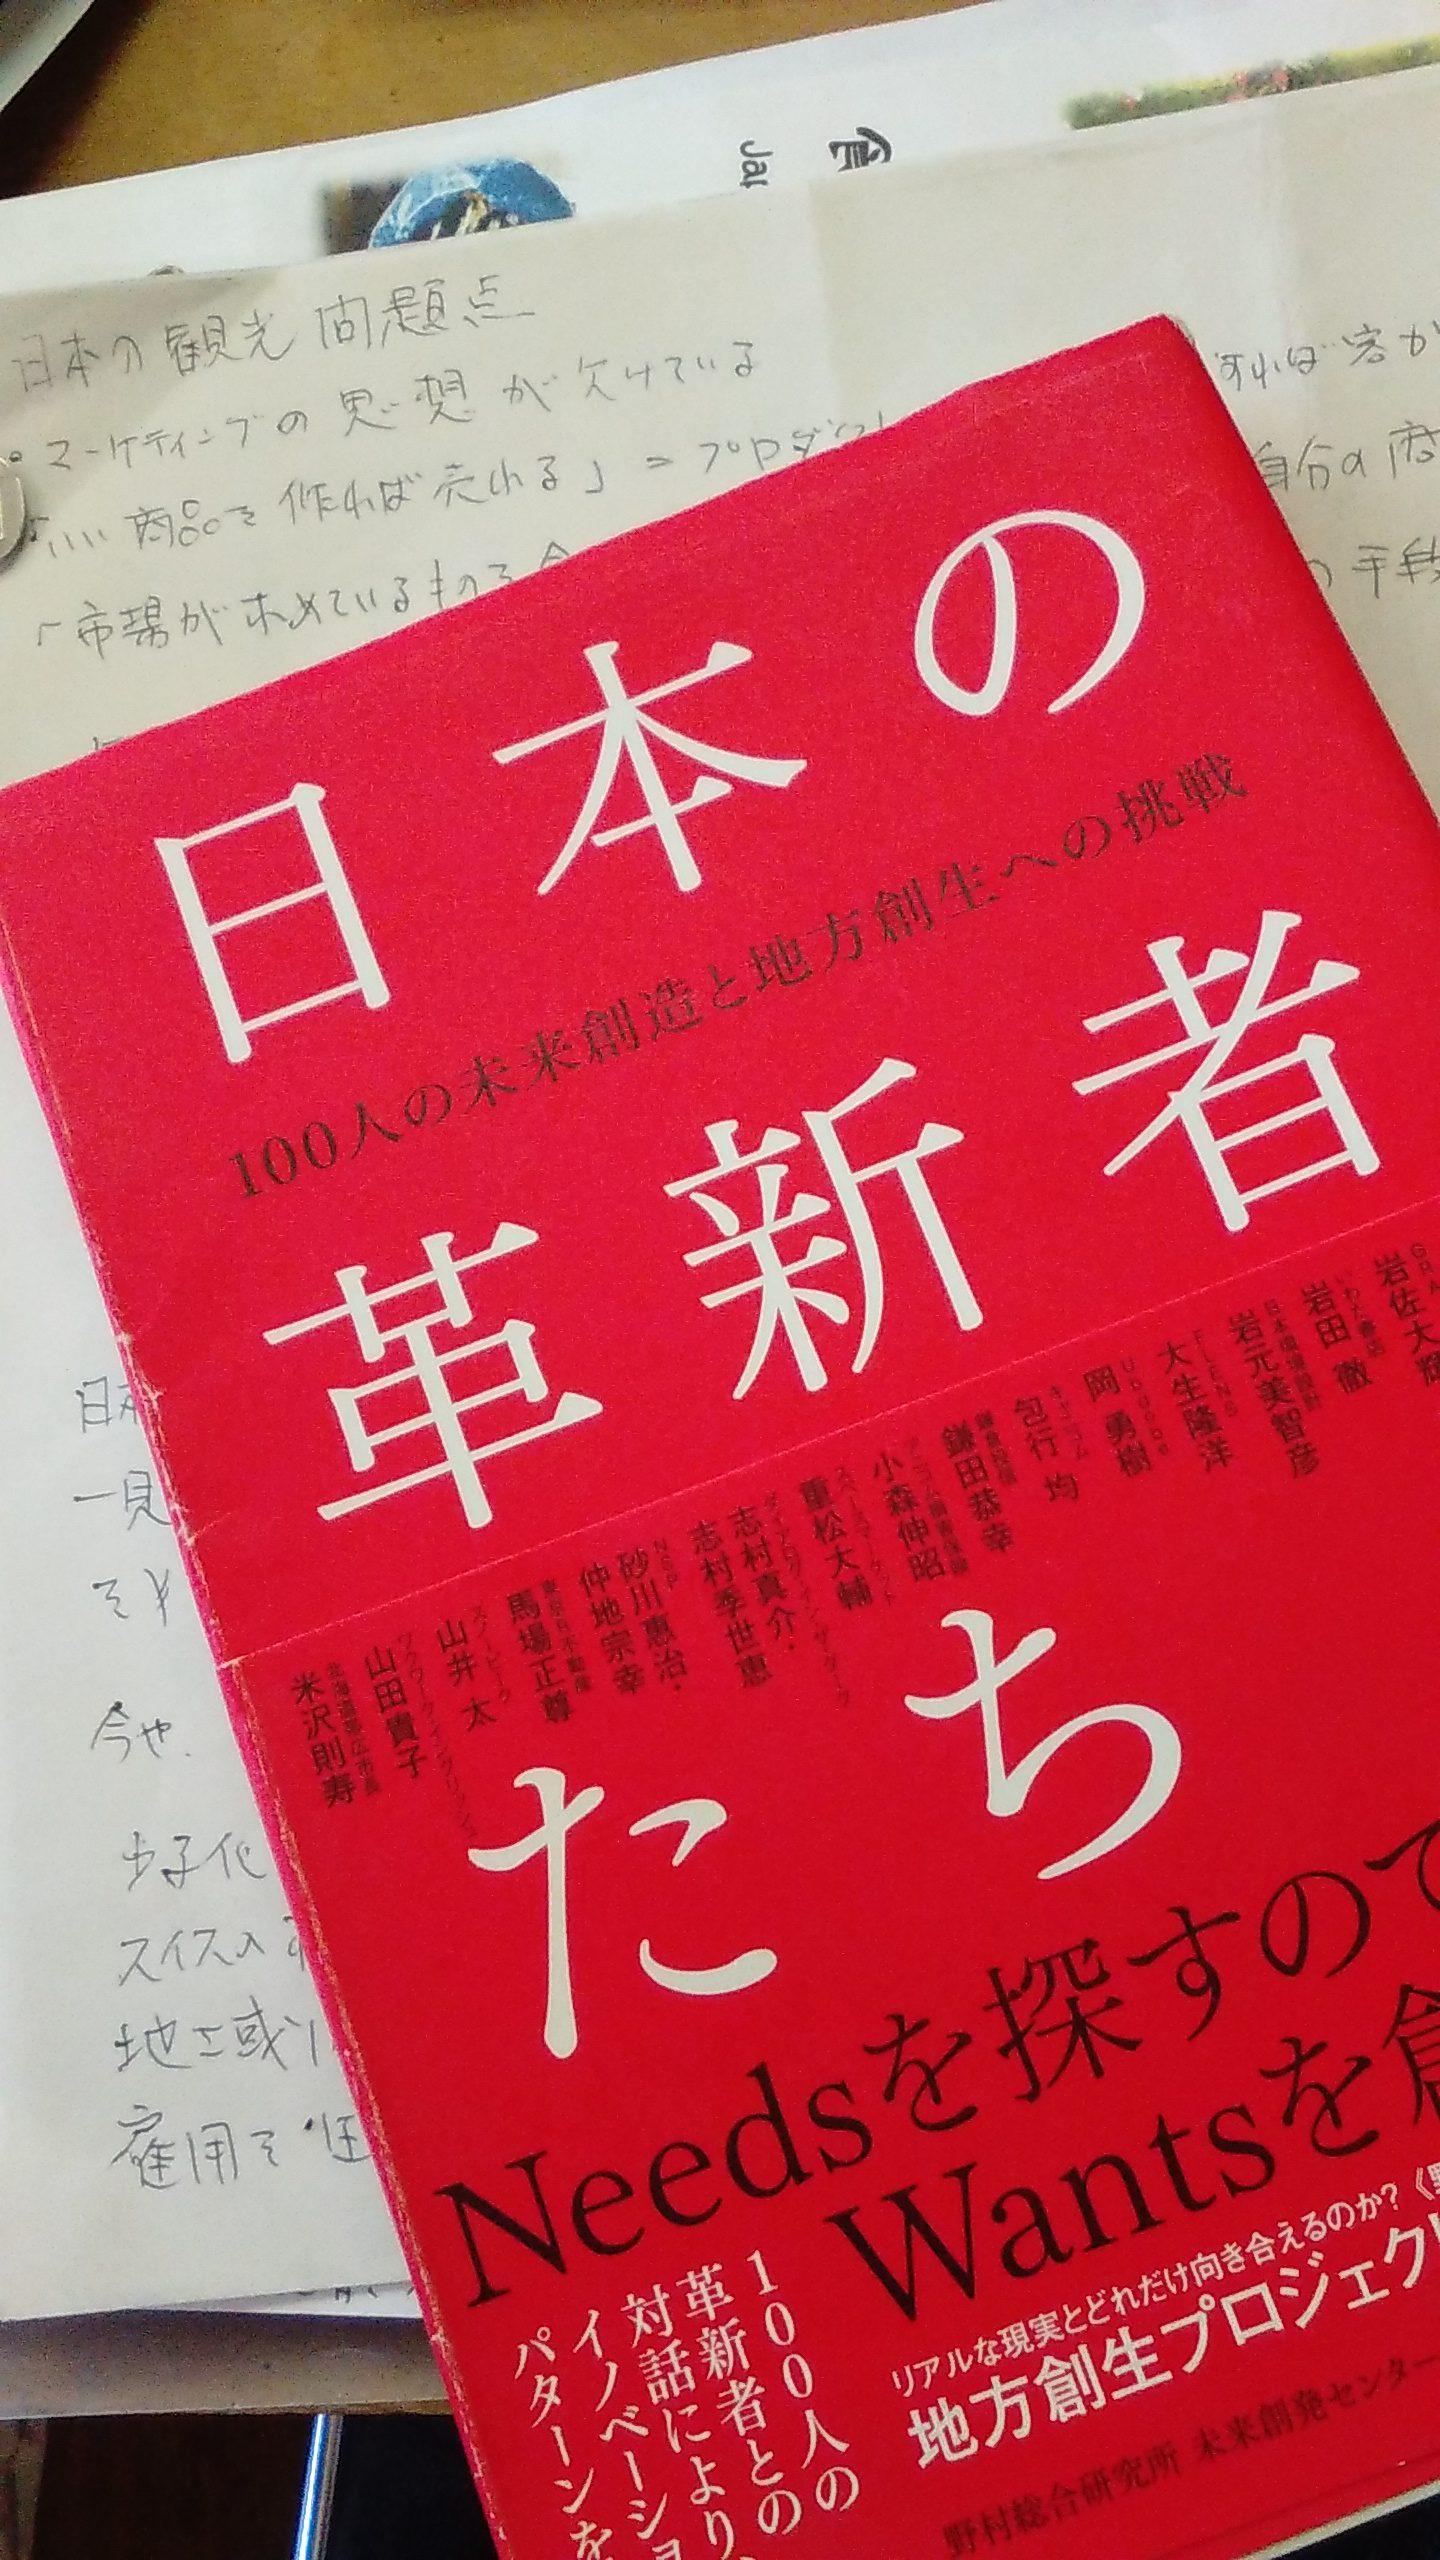 日本の革新者 本